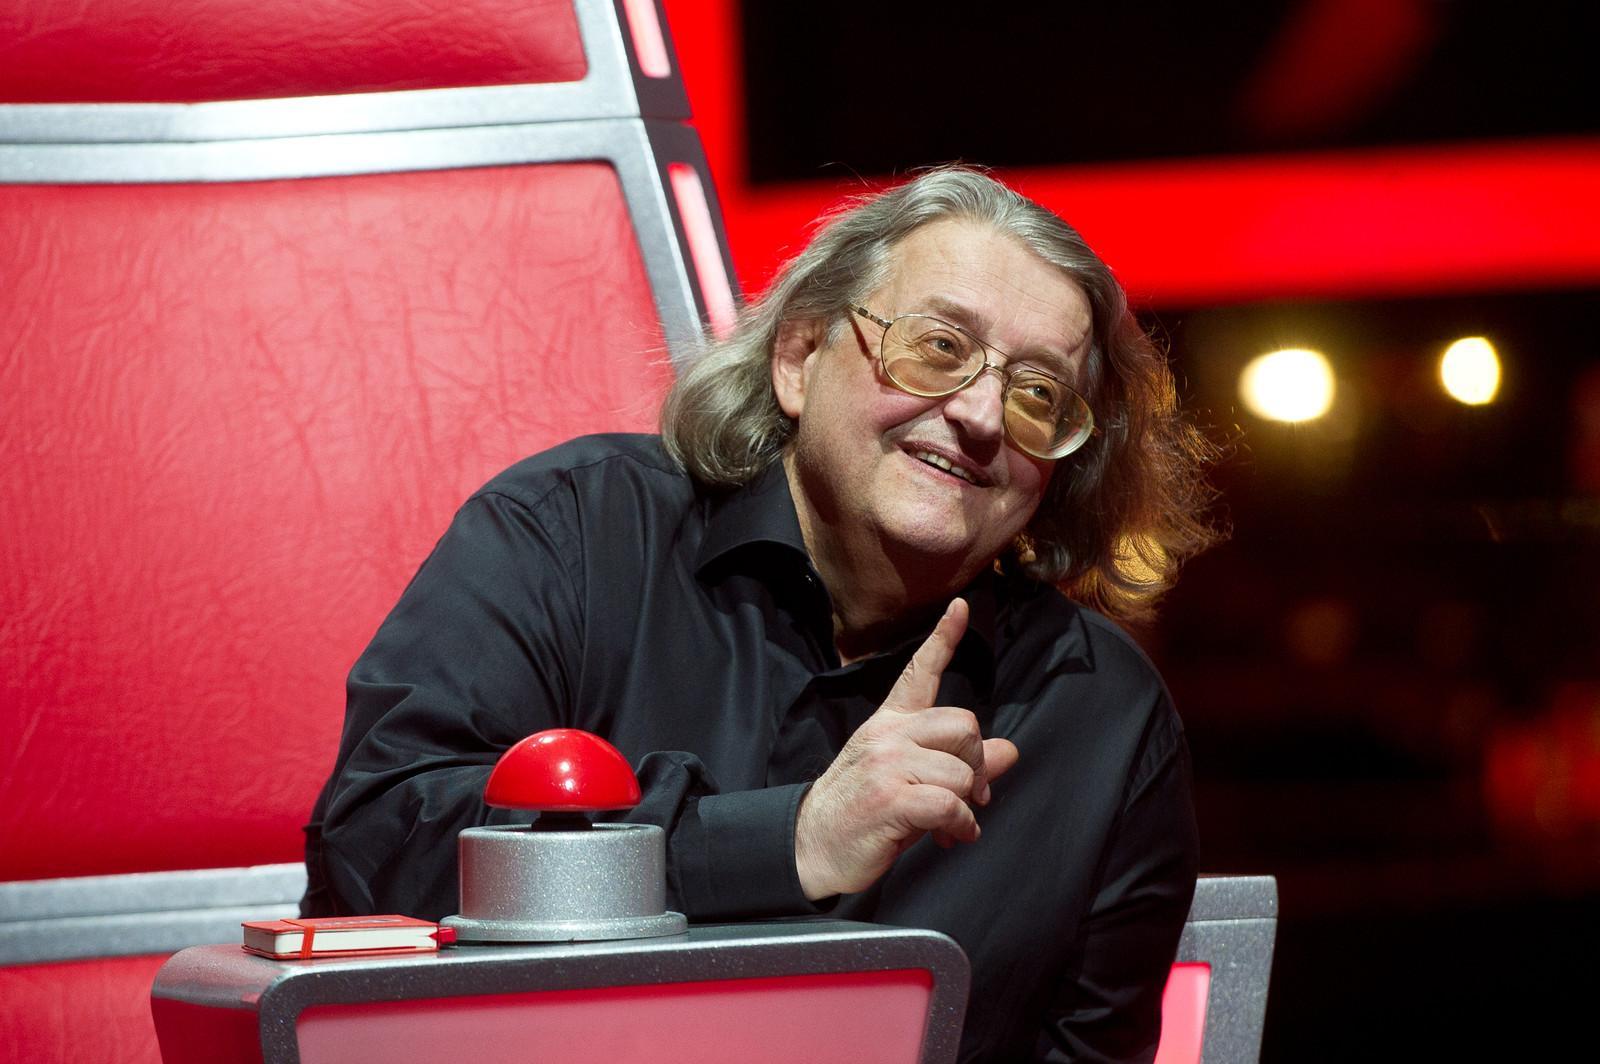 Я ей устрою! Александр Градский единственный не повернулся к Дине Гариповой на шоу «Голос»